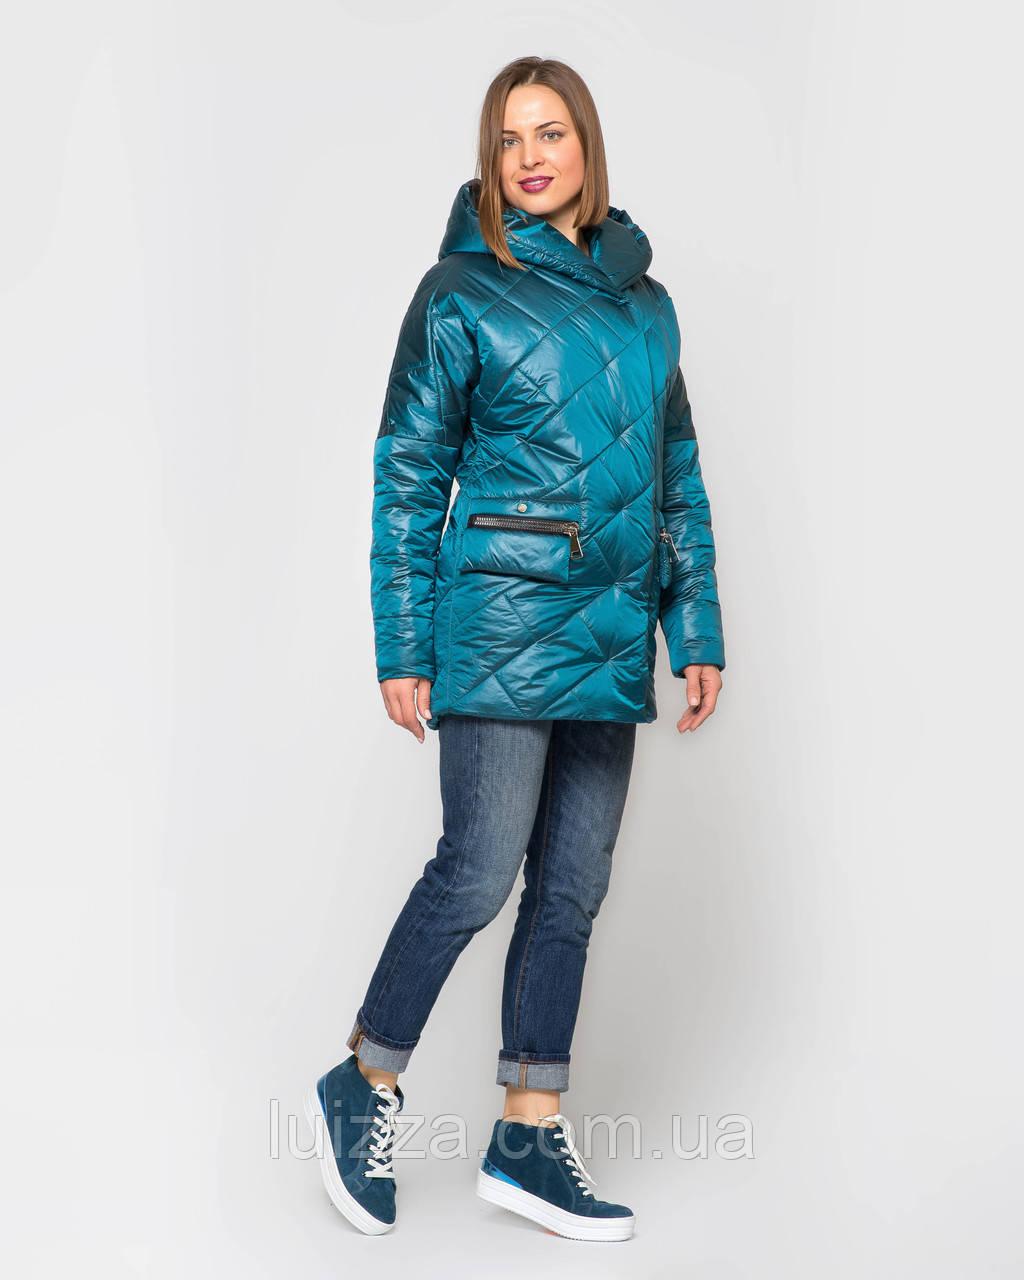 Женская стеганая куртка из атласа 44-56р изумруд 46